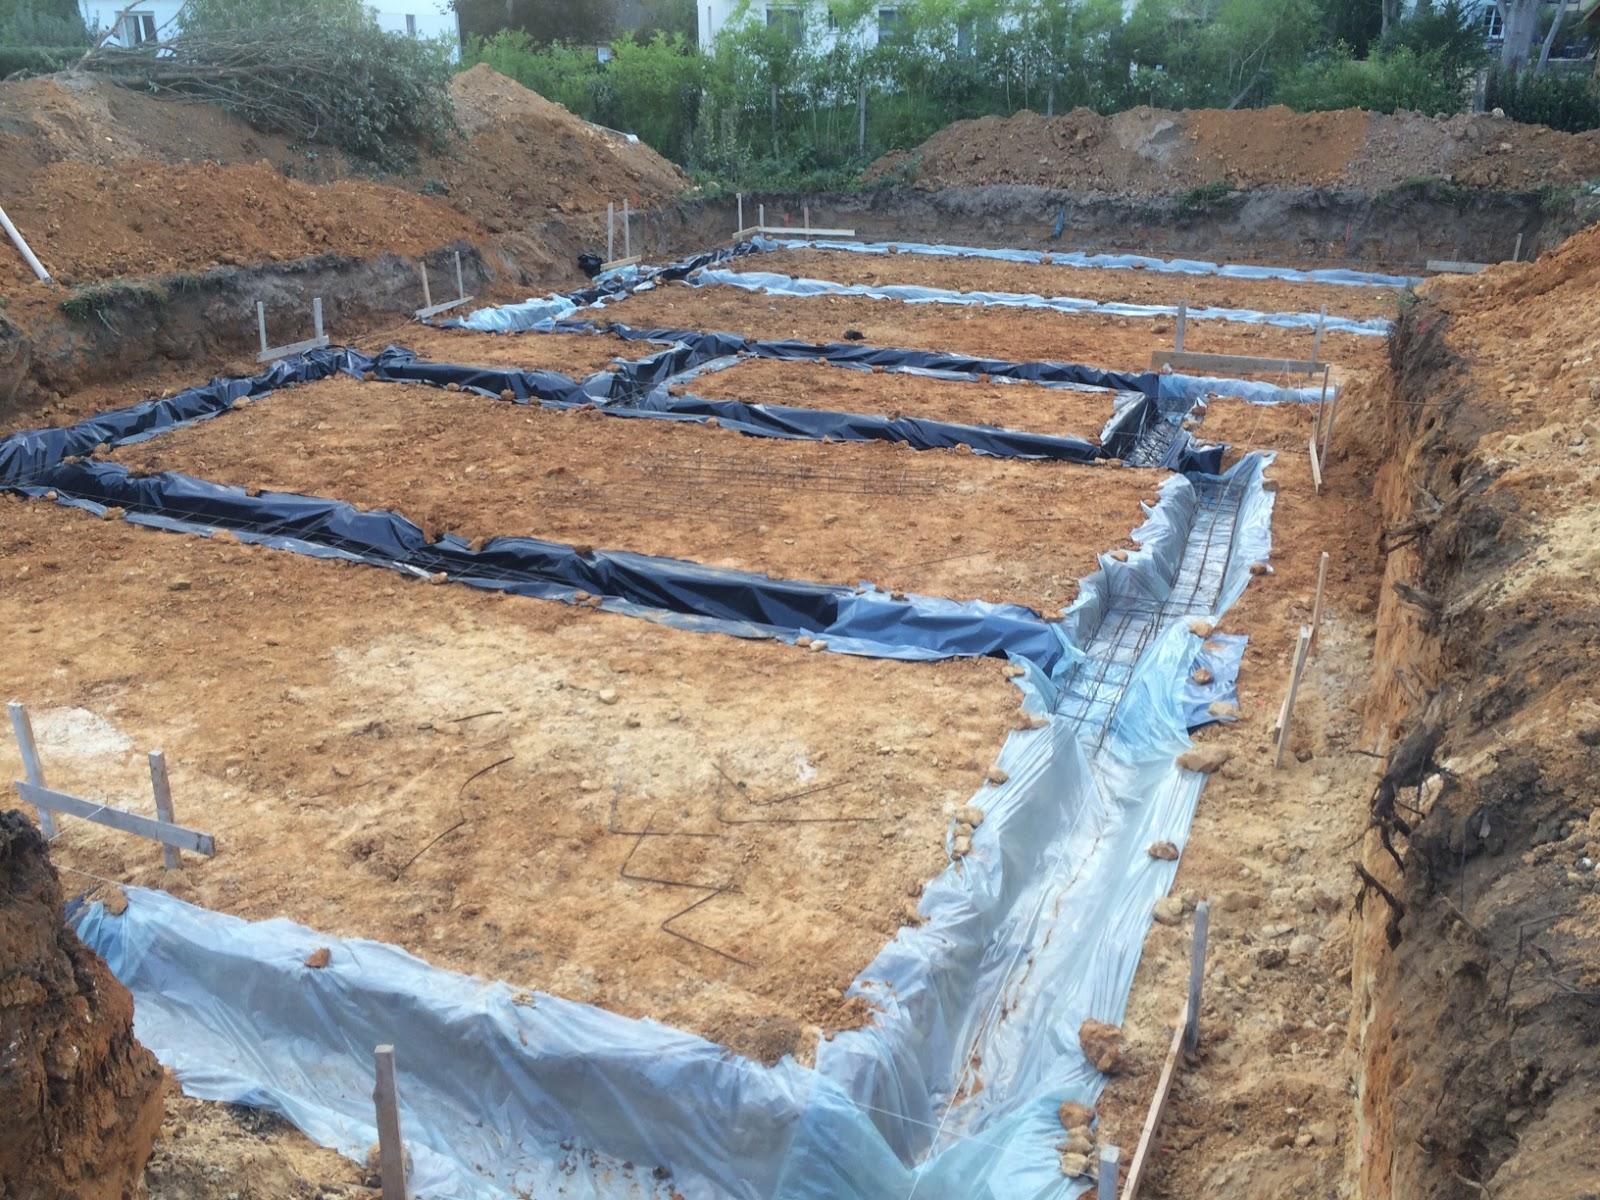 Les guigniers fouilles des semelles de fondation et for Le ferraillage des fondations